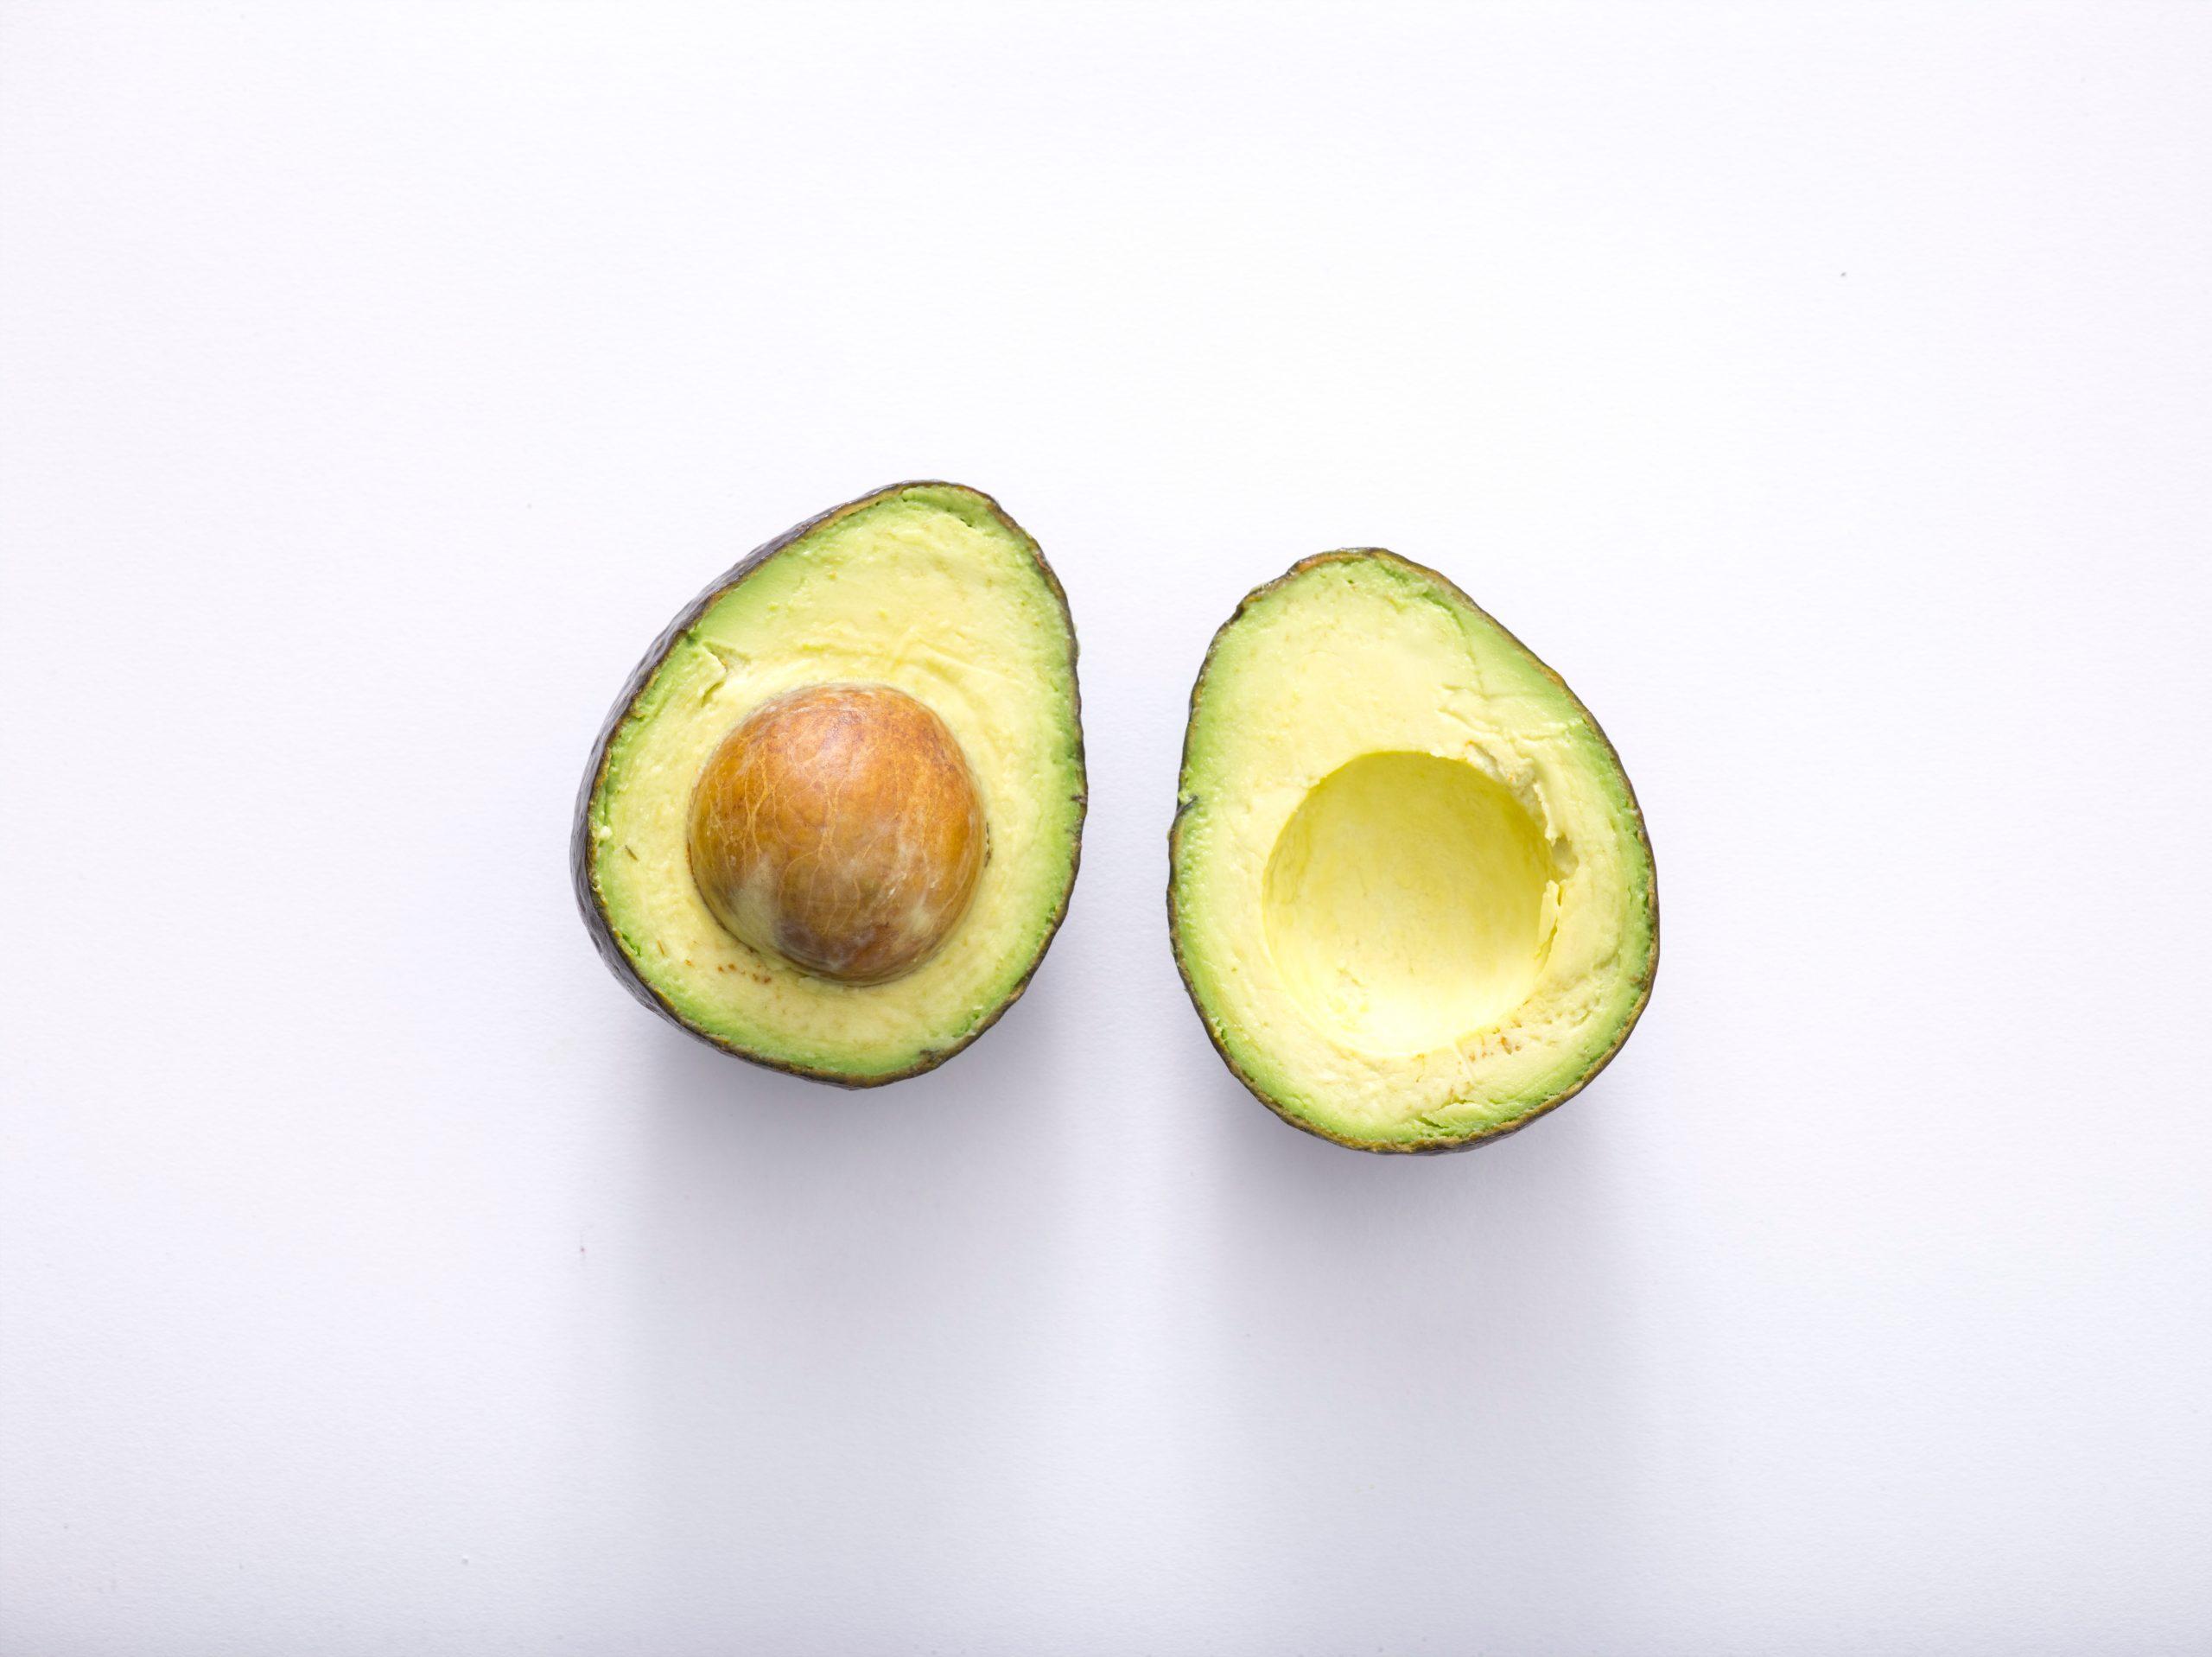 צריכת פחמימות בתזונה ותמותה: מחקר עוקבה פרוספקטיבי ומטא-אנליזה